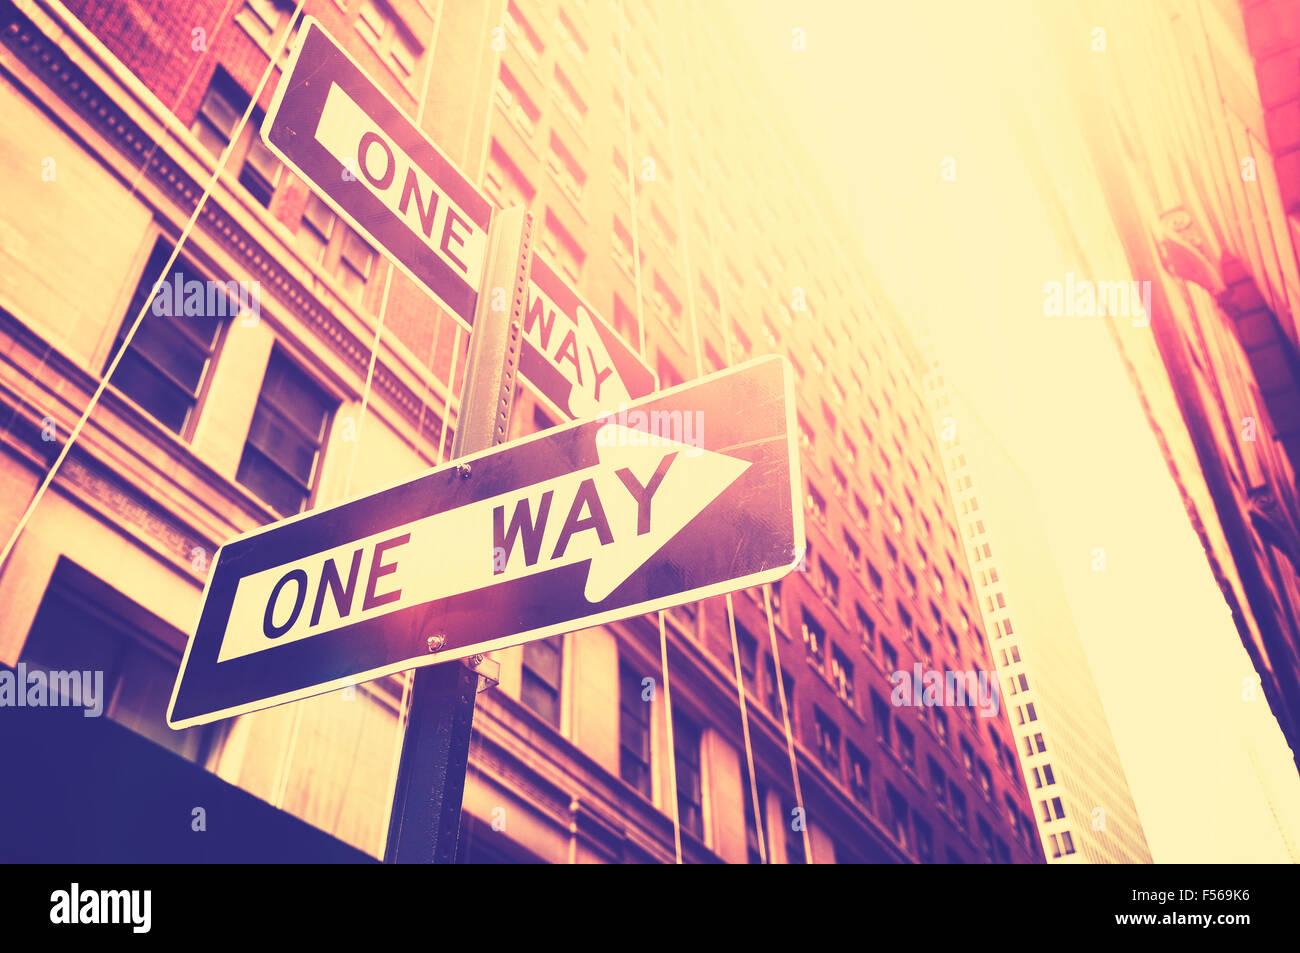 In stile vintage foto di un modo segni a Manhattan, New York, Stati Uniti d'America. Immagini Stock